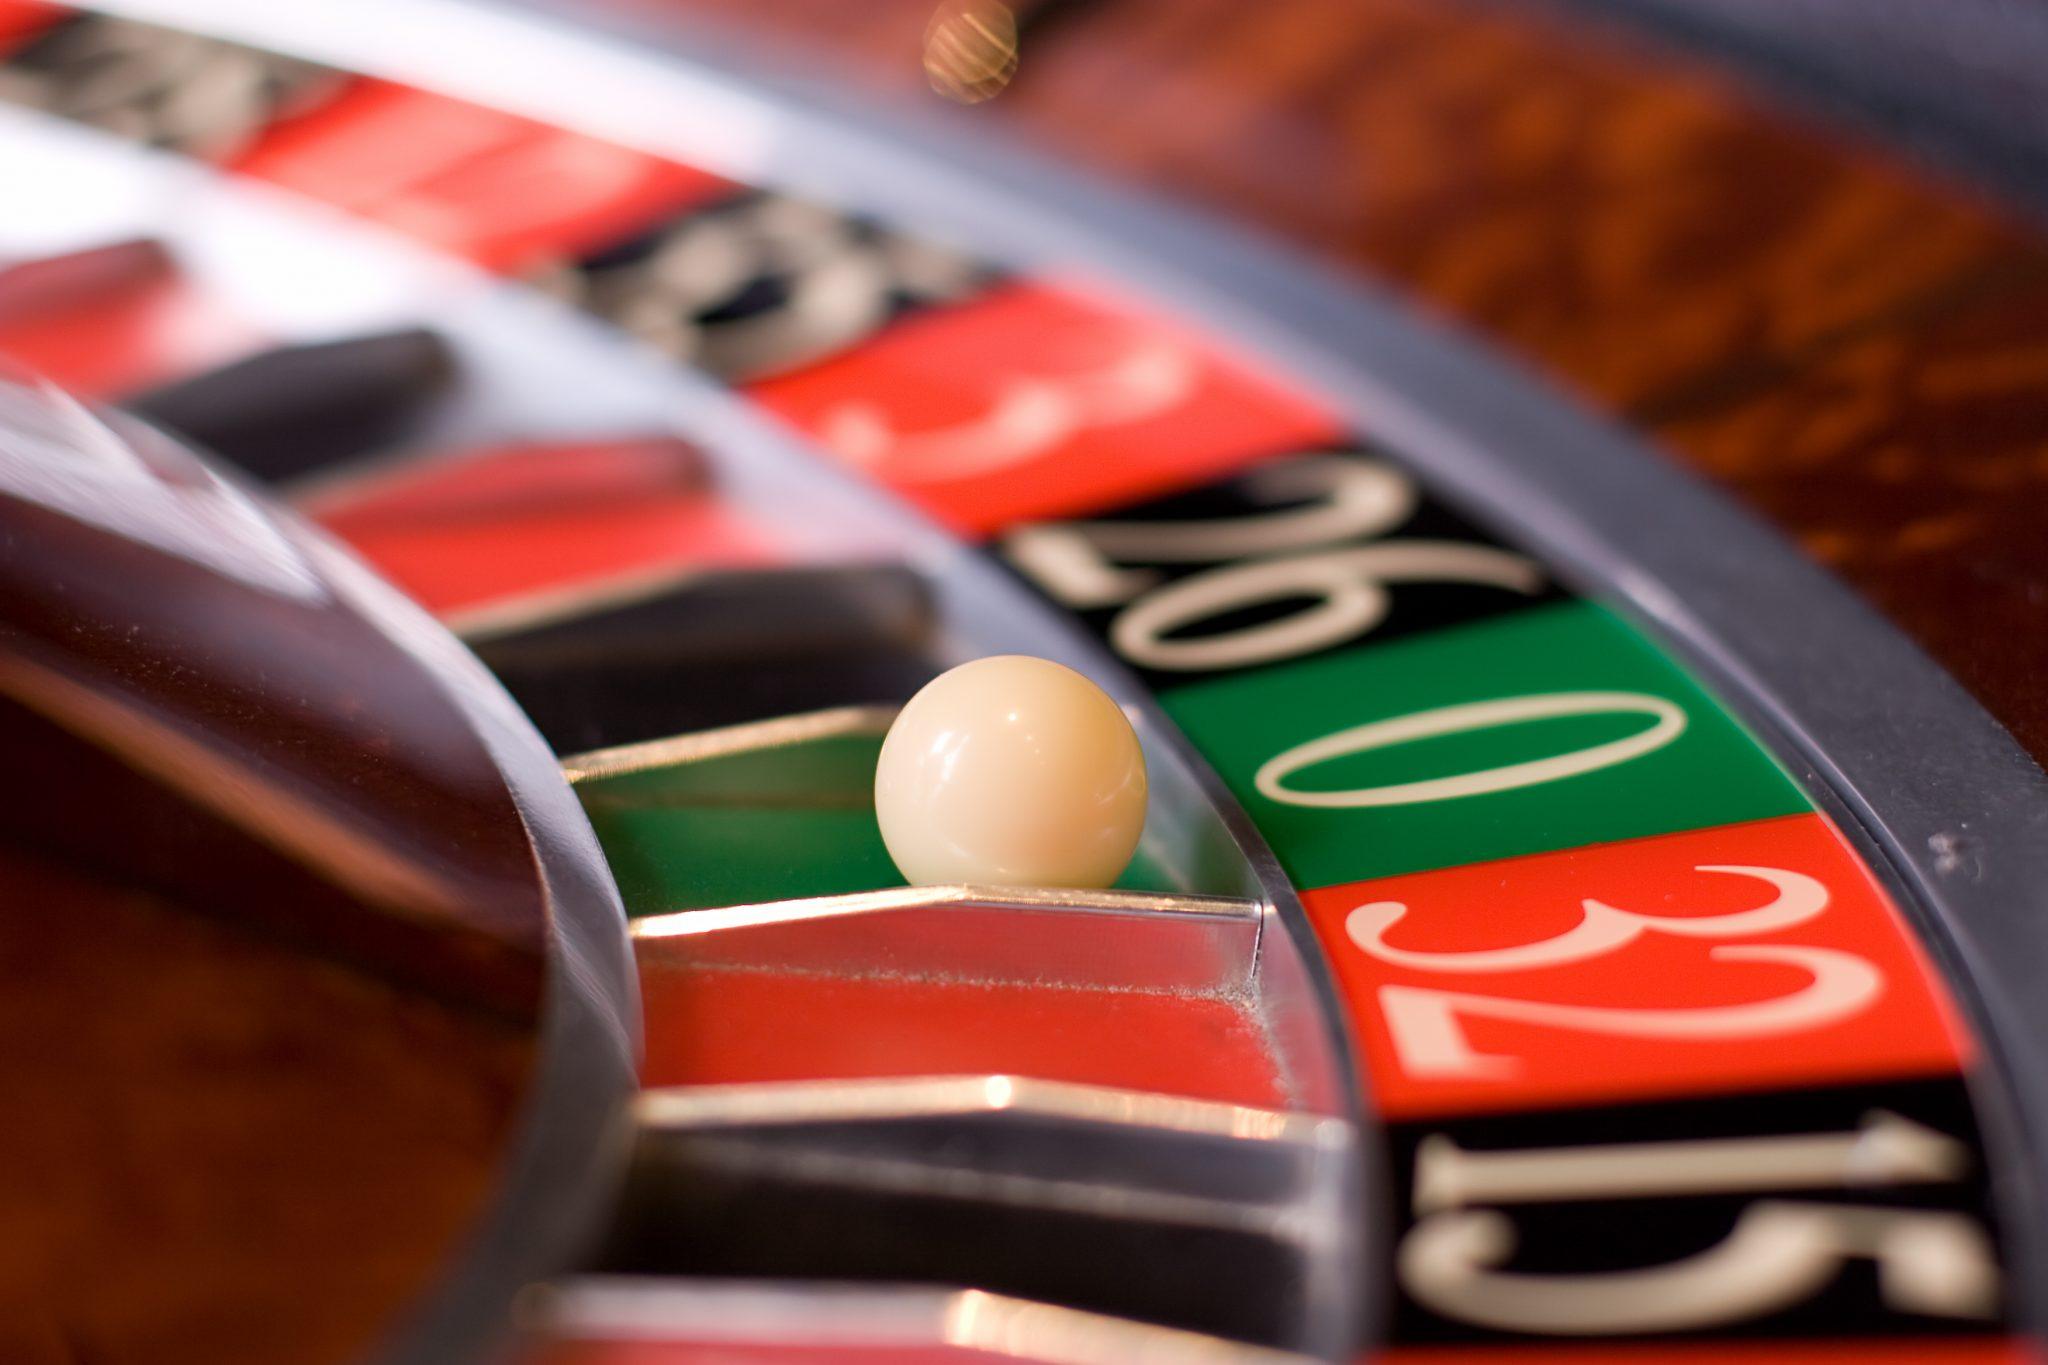 comuni-contro-gioco-azzardo-legge-iniziativa-popolare2